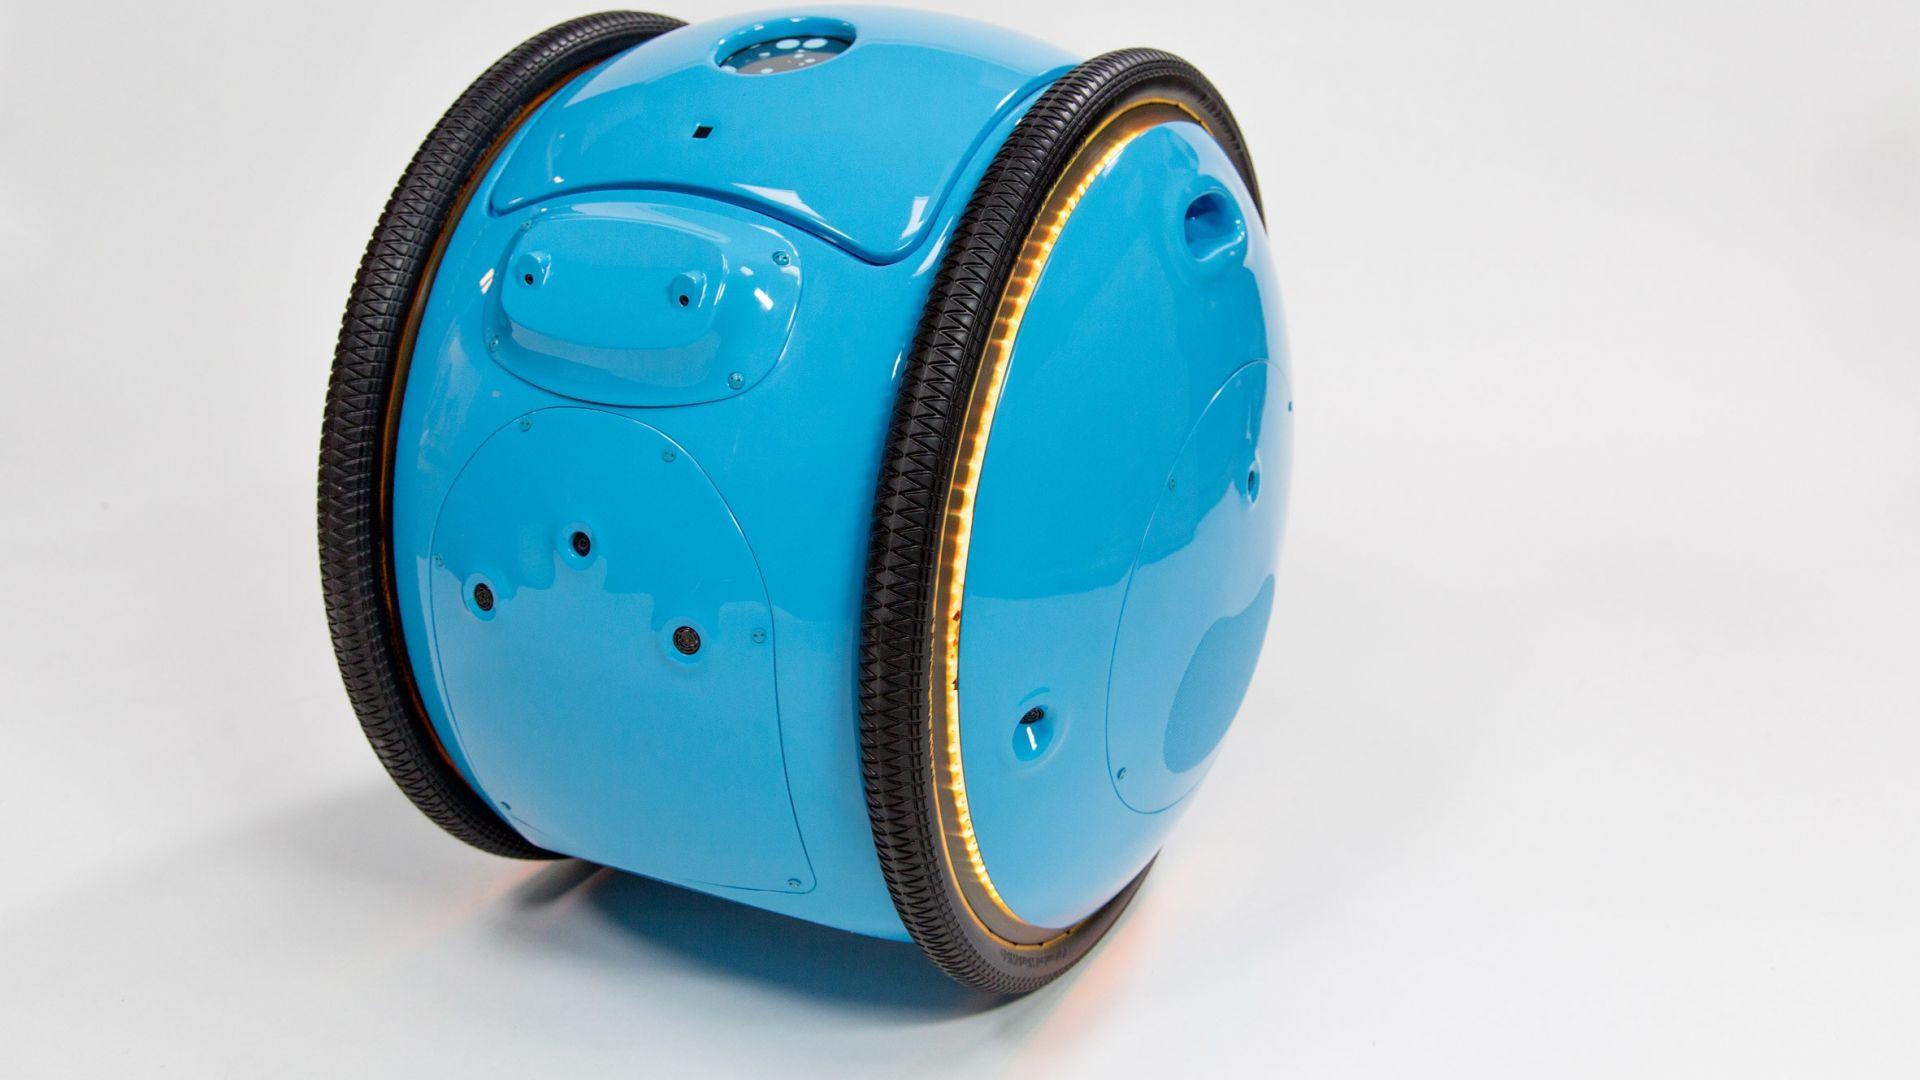 Robotica - Piaggio Fast Forward: ecco Gita, il primo robot personale -  MotorBox